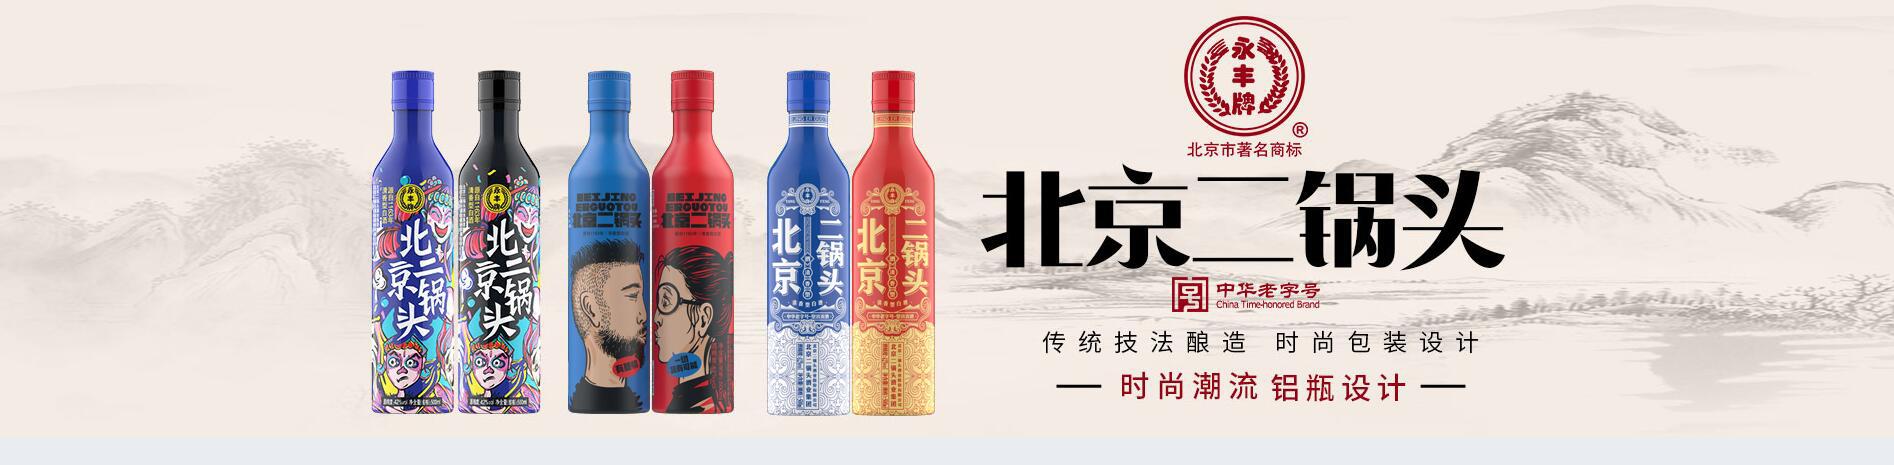 北京二锅头酒业 股份有限公司